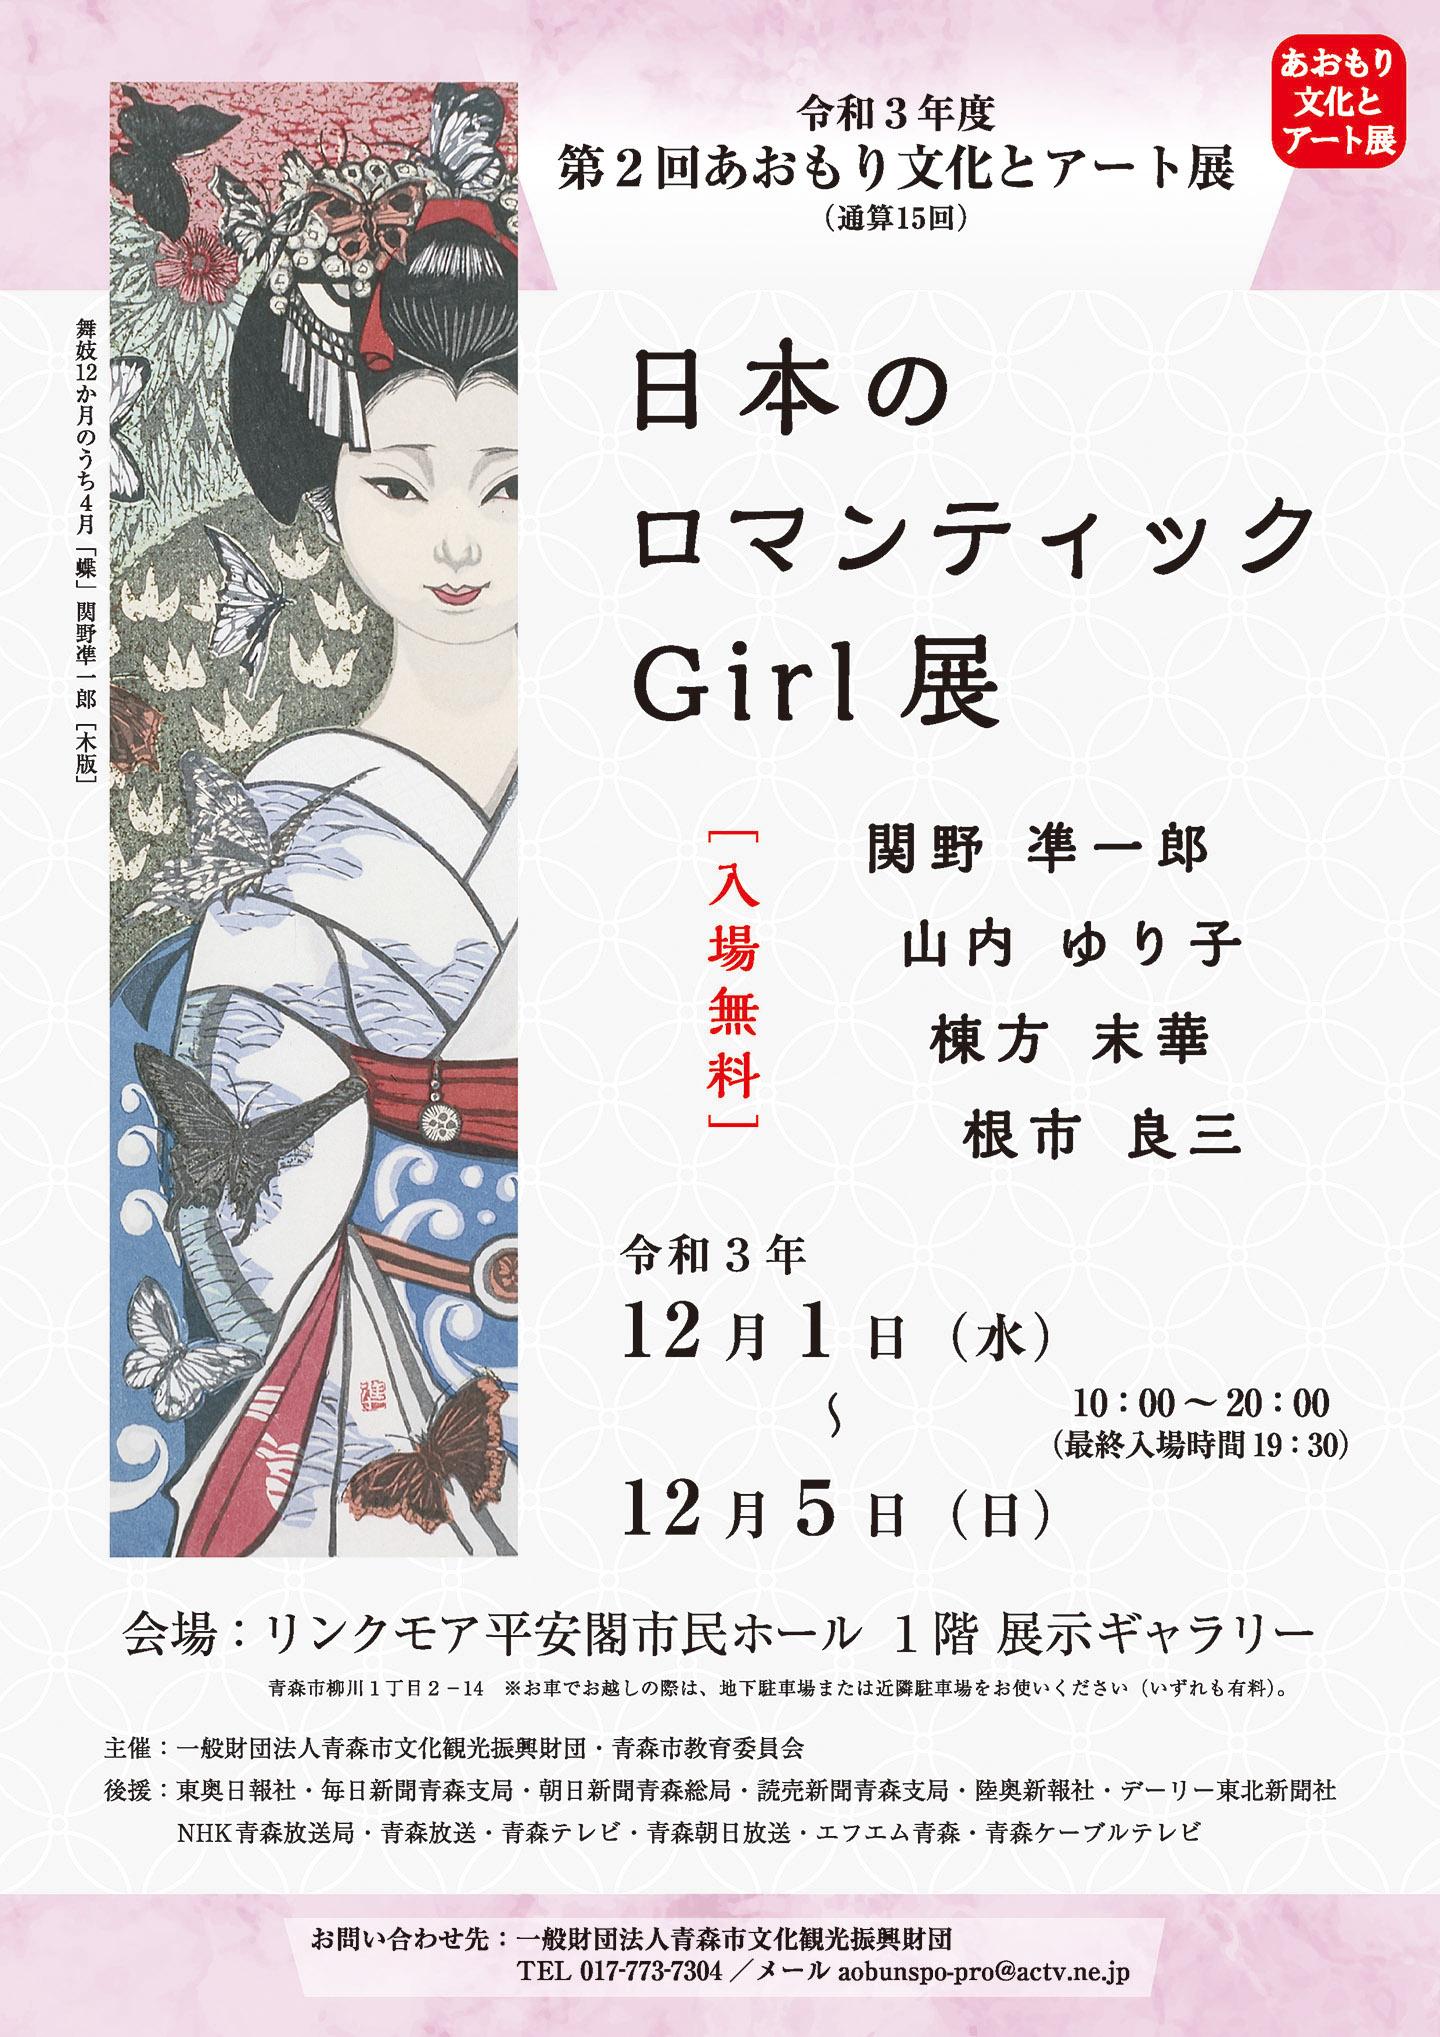 日本のロマンティックGirl展(12/1〜12/5)チラシ表